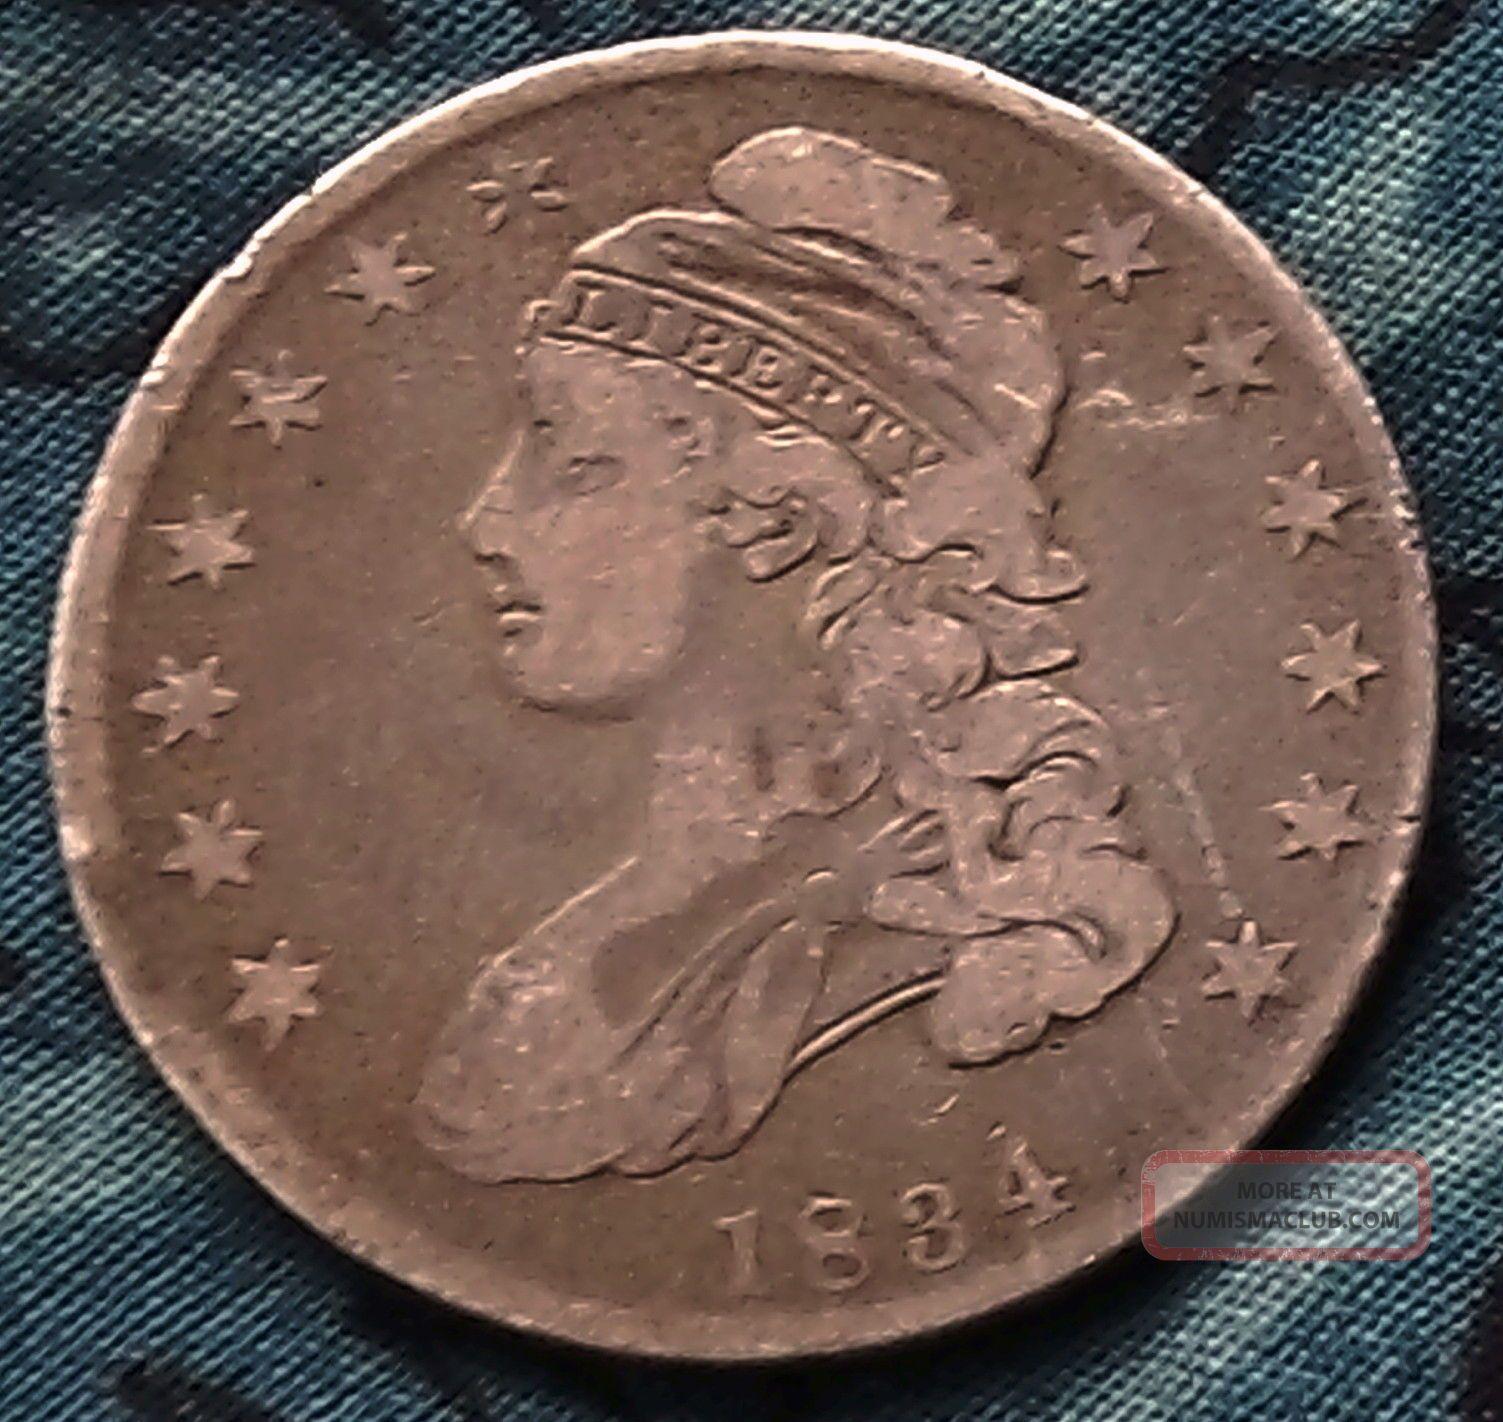 Claudius 41ad Rome Gold Aureus Authentic Ancient Roman Coin Pedigree To 1894